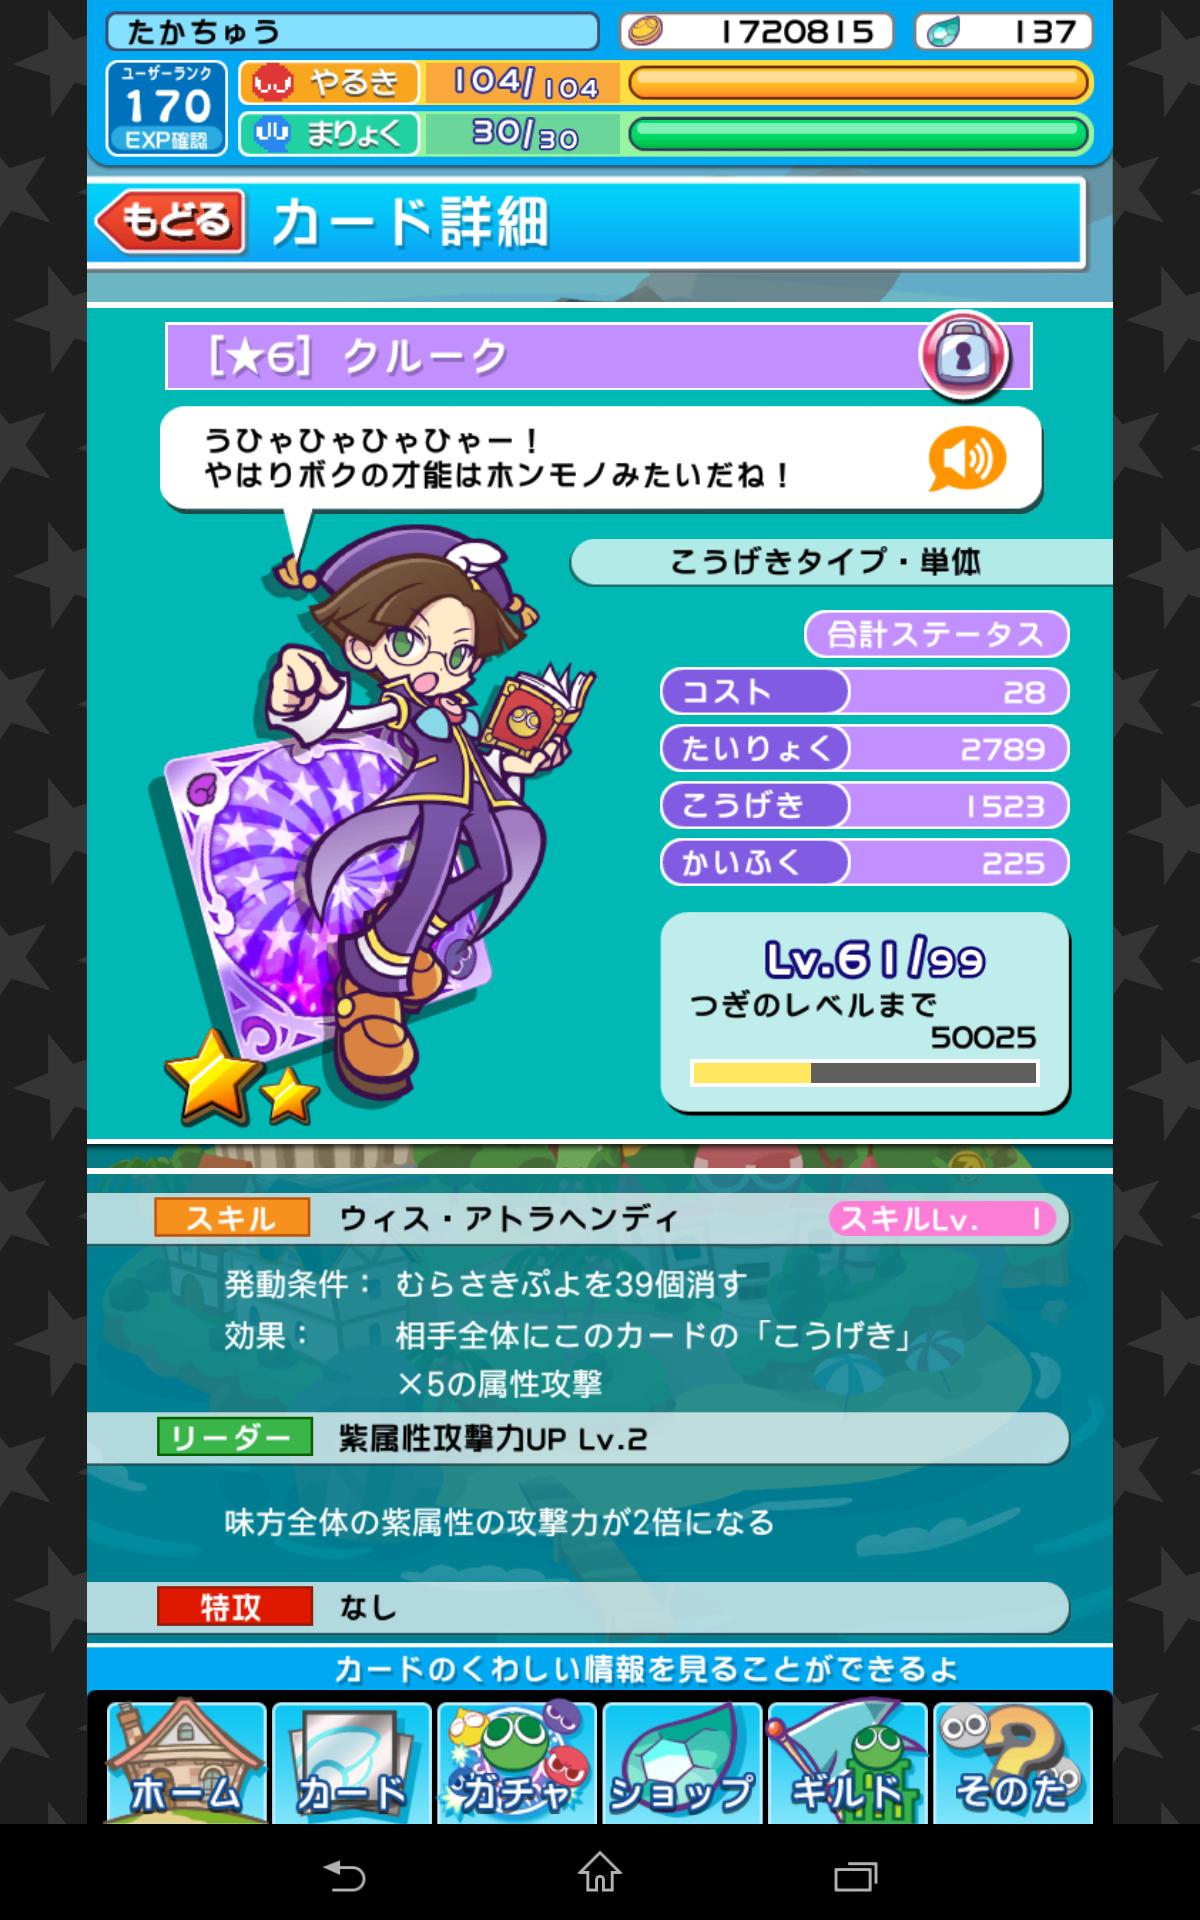 (150712) ぷよクエ-☆6クルーク